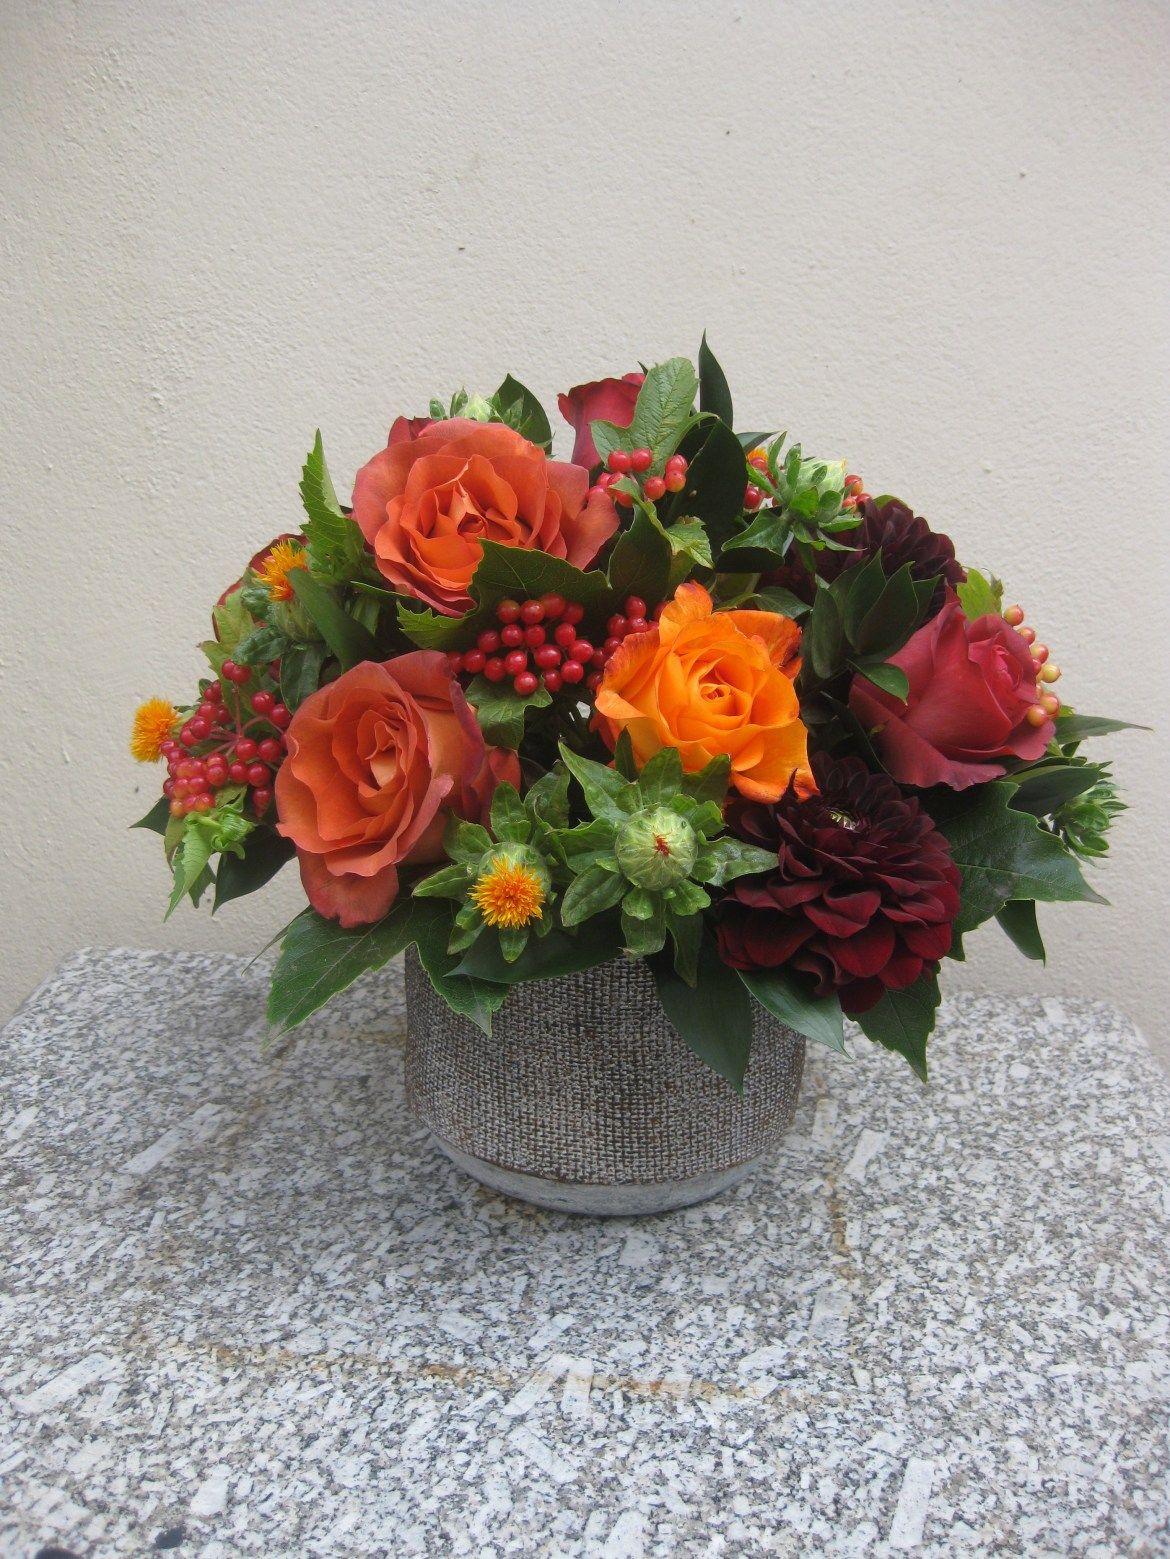 Thanksgiving flower arrangements garden ideas 34 in 2020